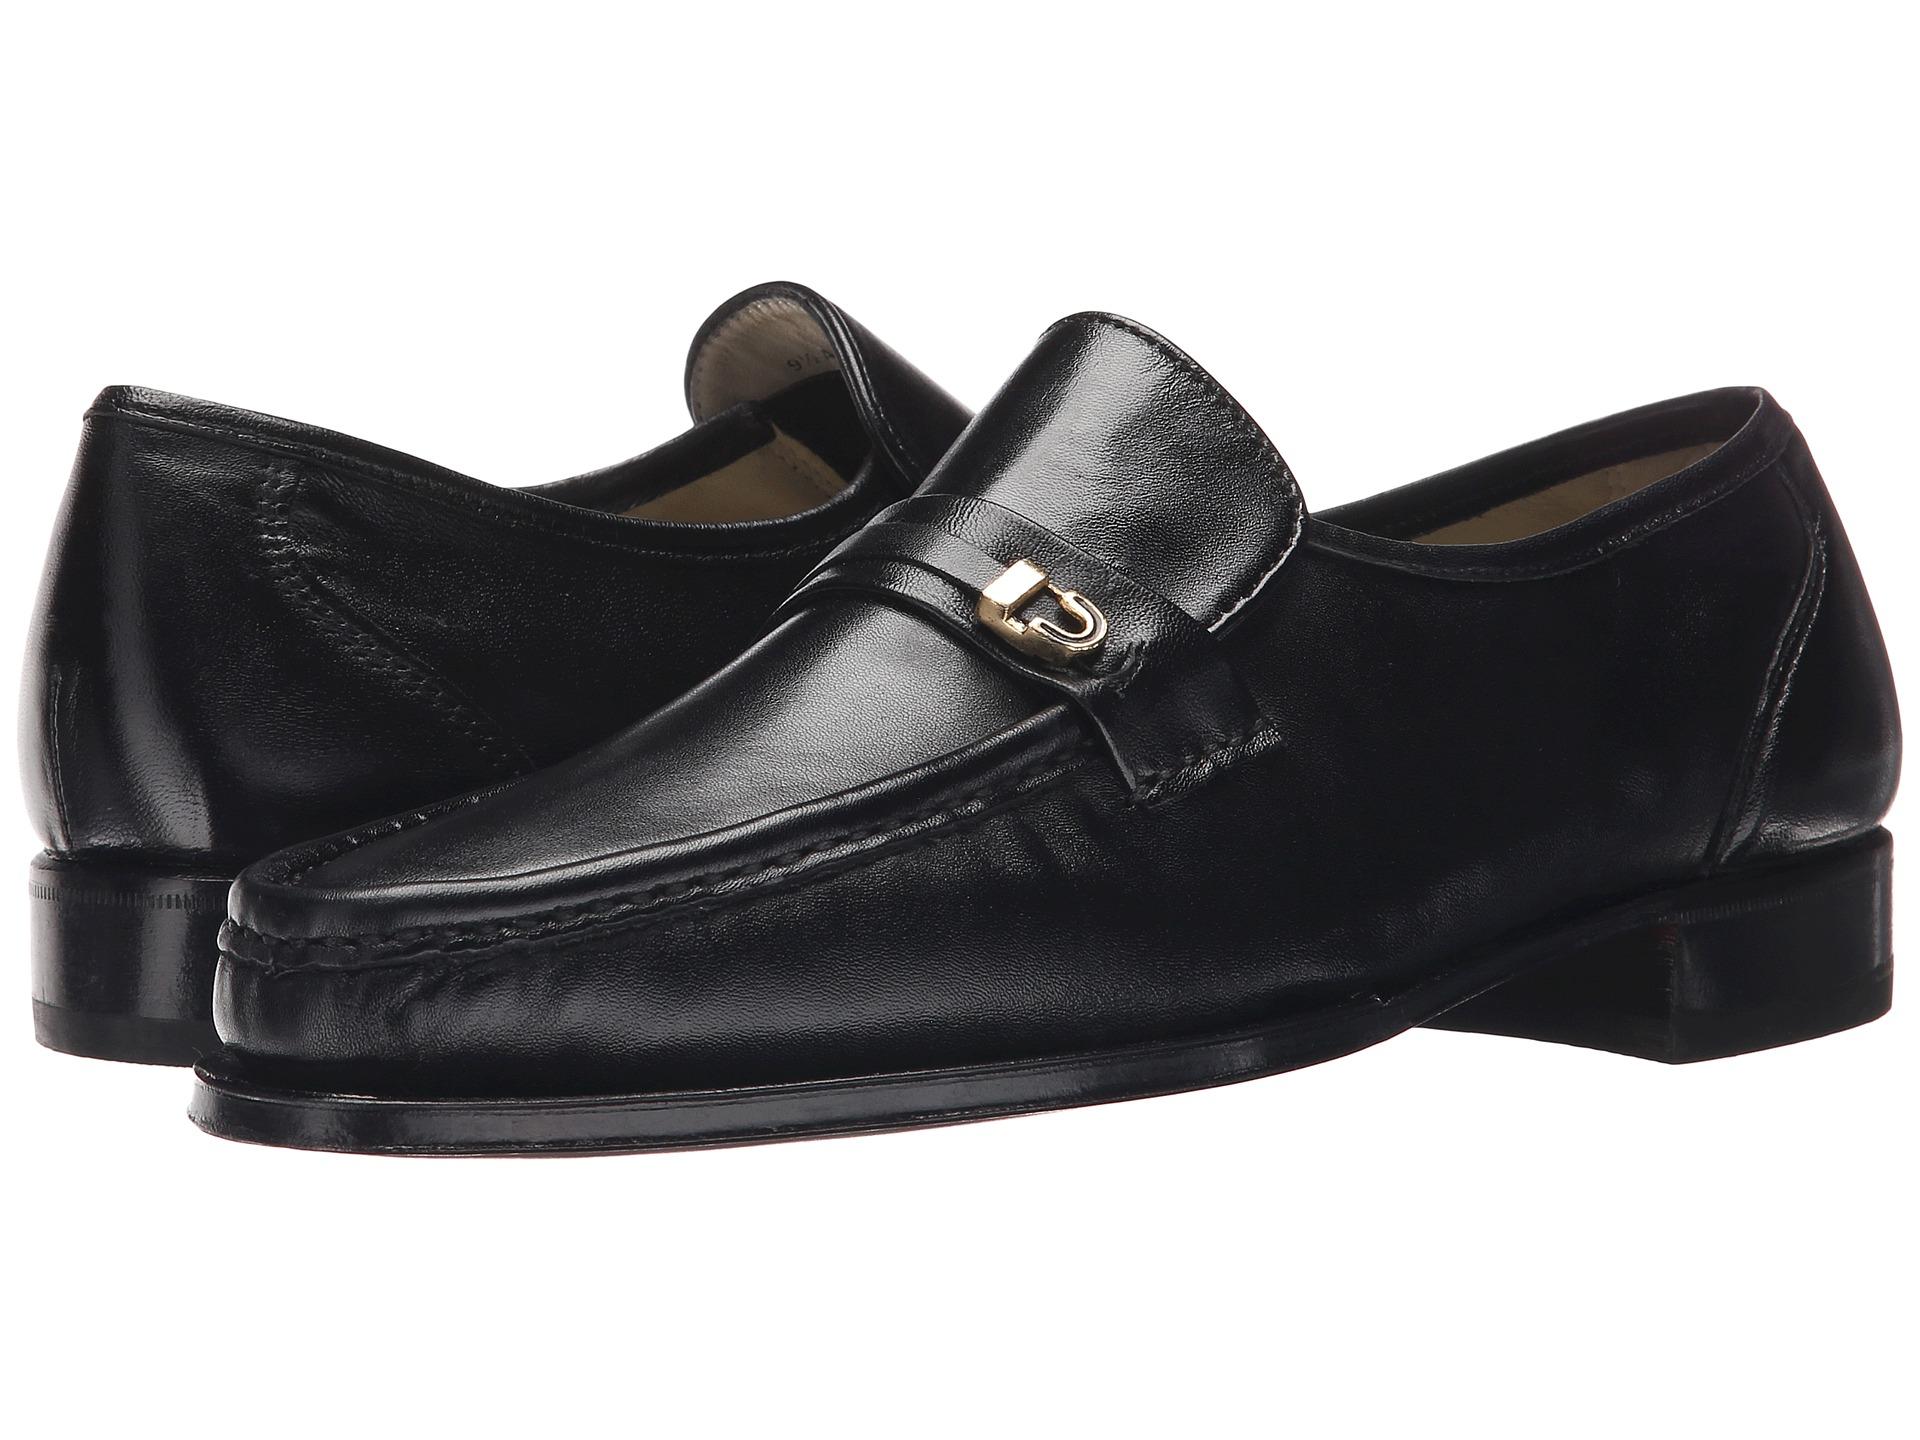 Florsheim Imperial Shoes Sale